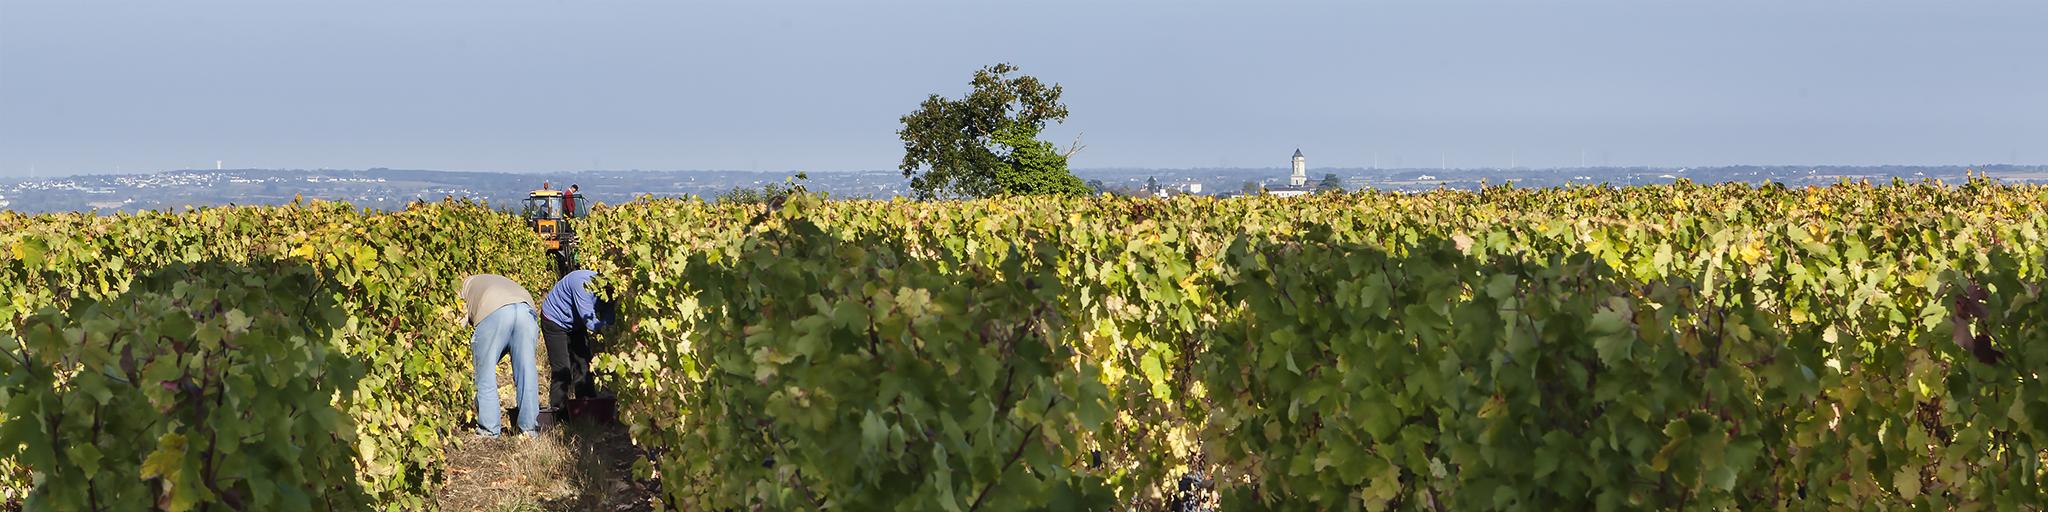 Anjou, Oogst, Vendanges, Wijnwerk, Loire wijnen, Loirewijn, wijnstreken, terroir, gamay, grolleau, vignes de l\'Alma